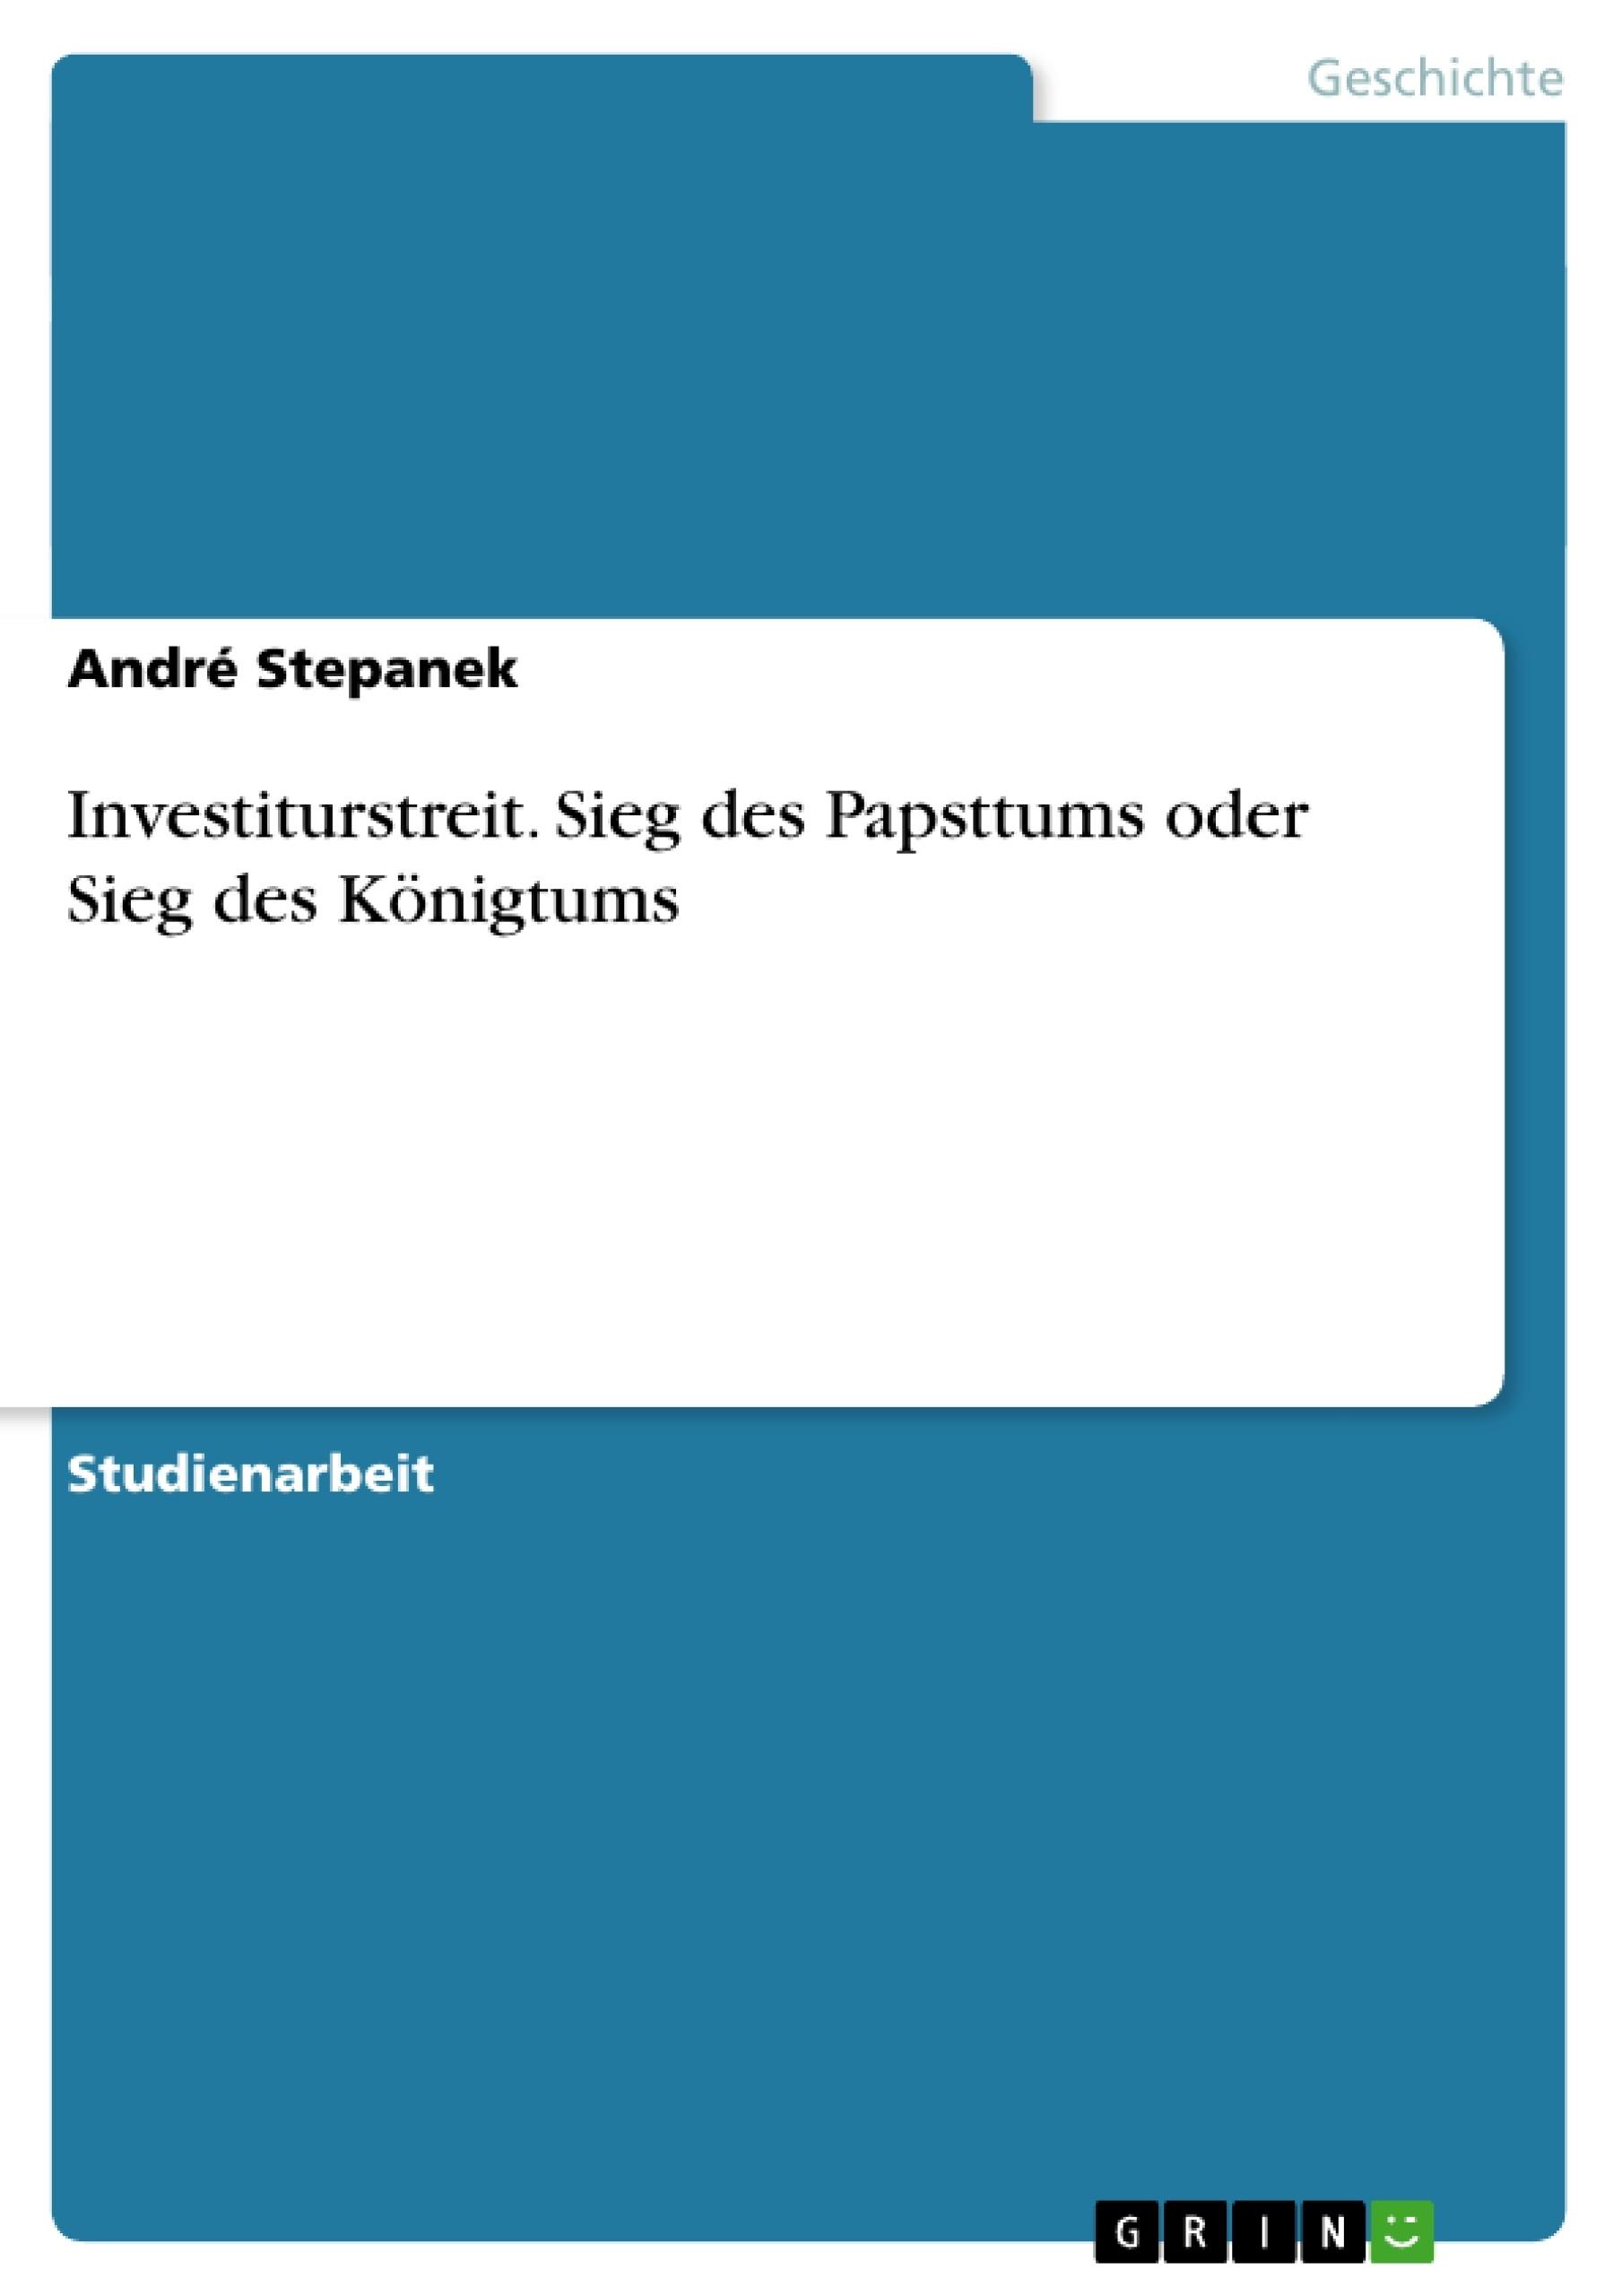 Titel: Investiturstreit. Sieg des Papsttums oder Sieg des Königtums